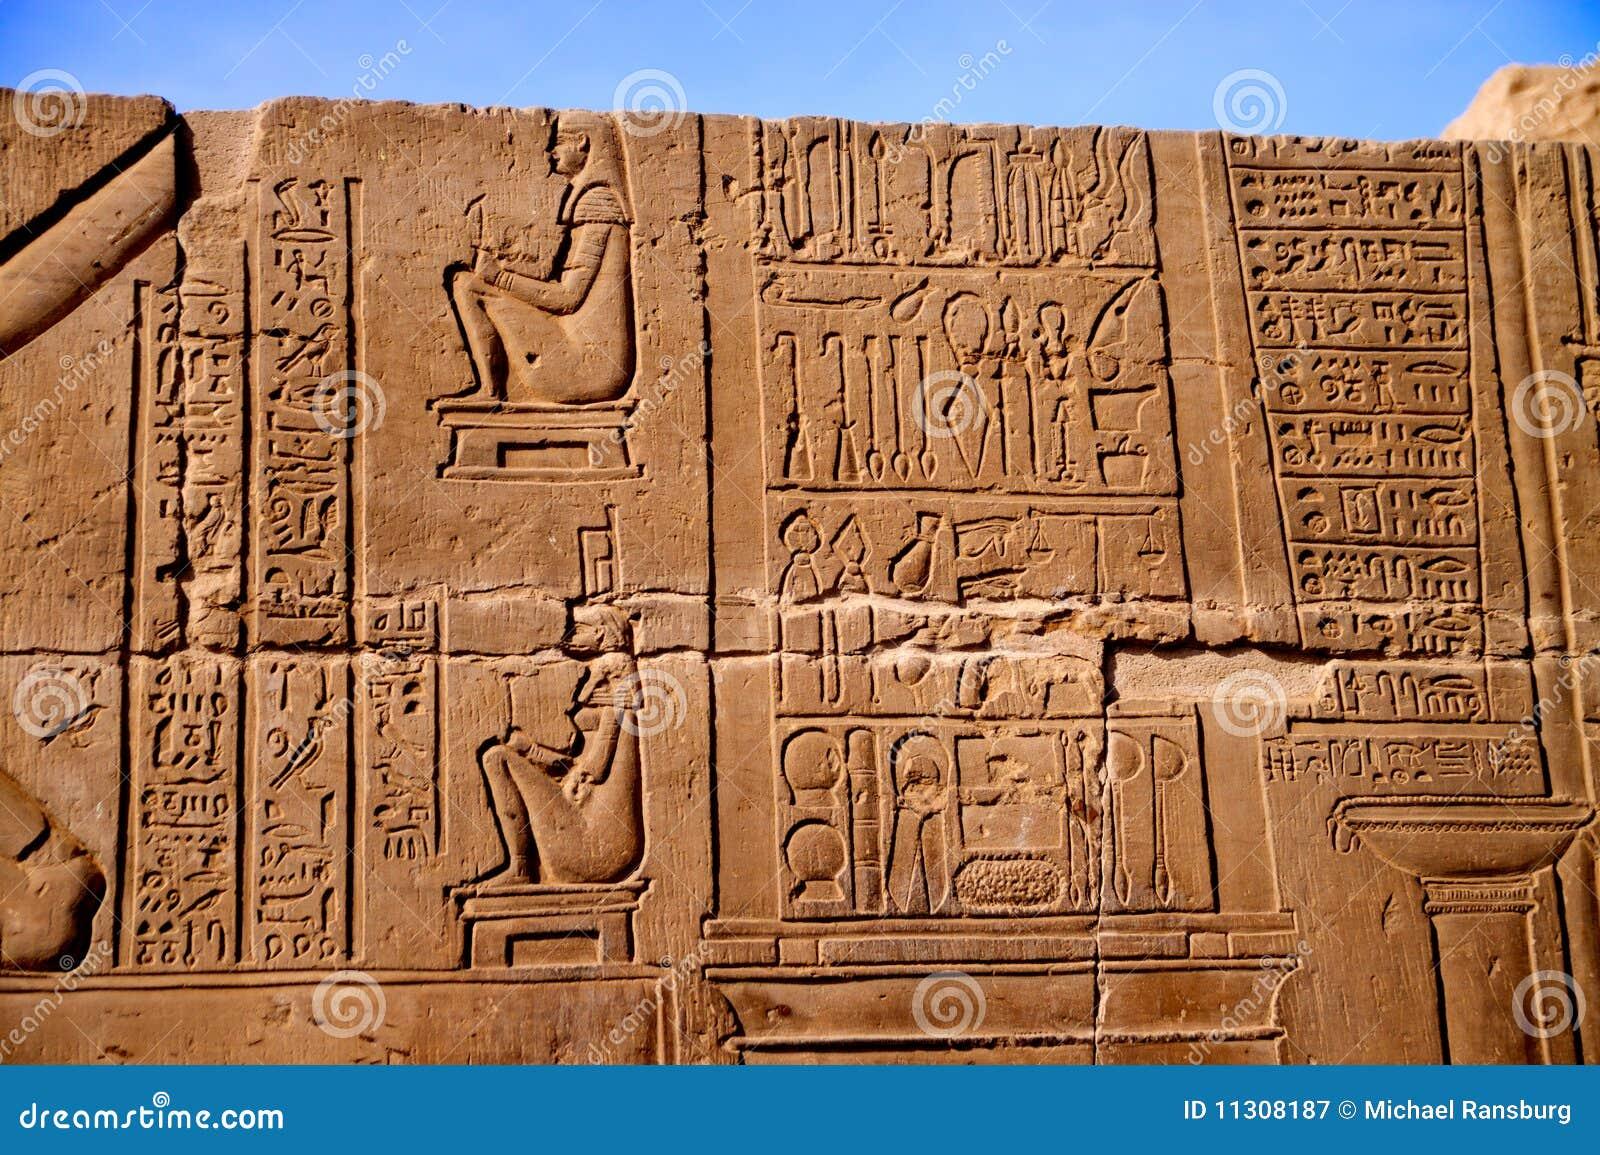 art architecture ancient egypt essay